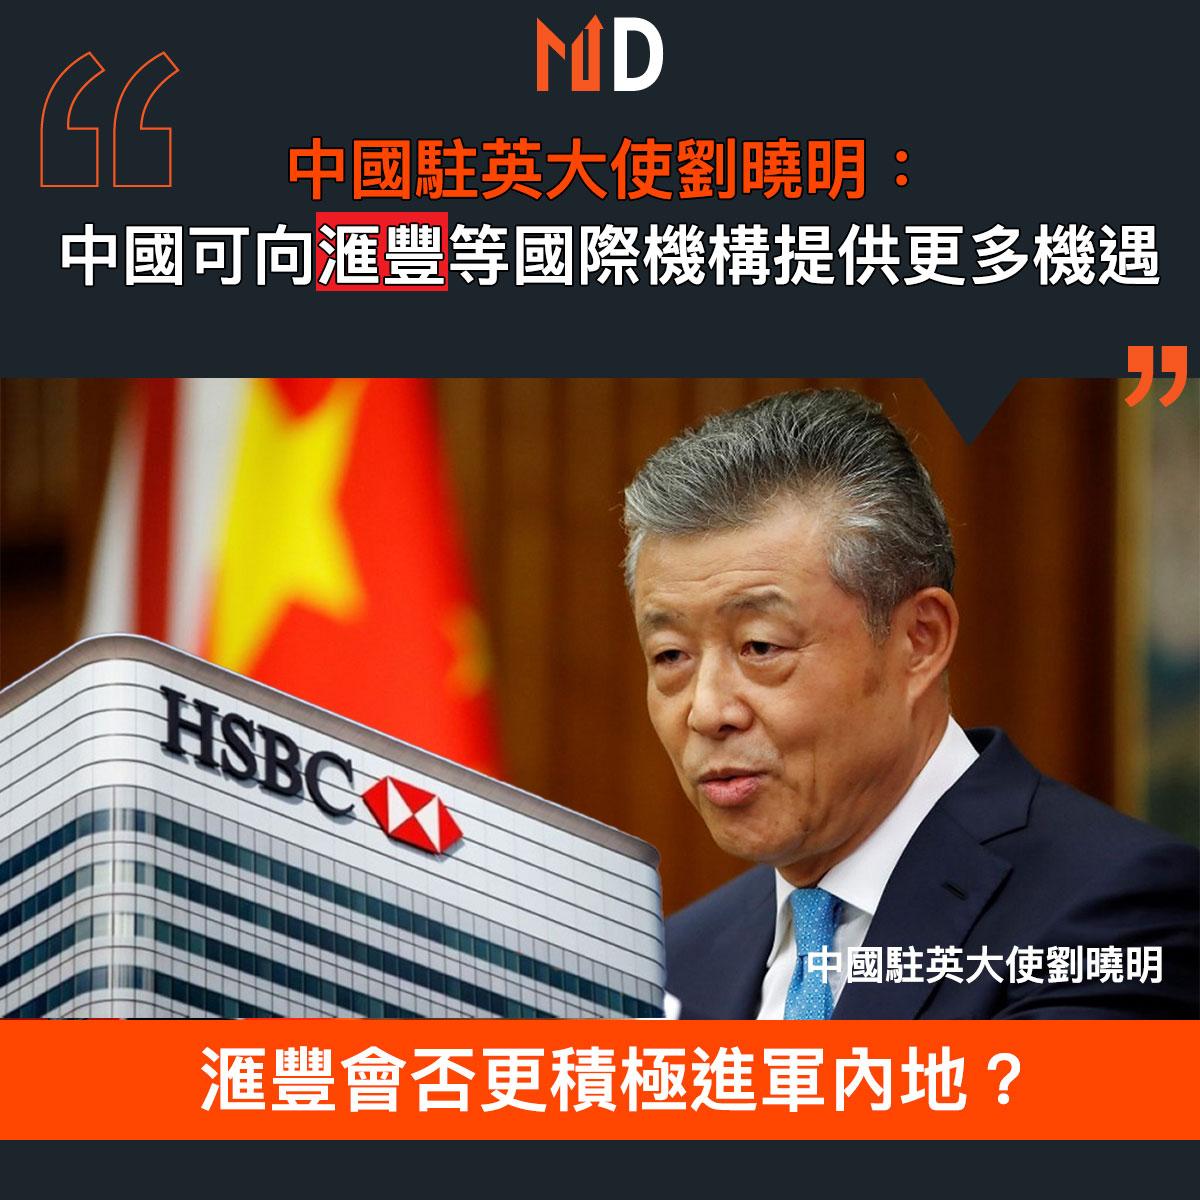 滙豐與中國關係會如何發展?